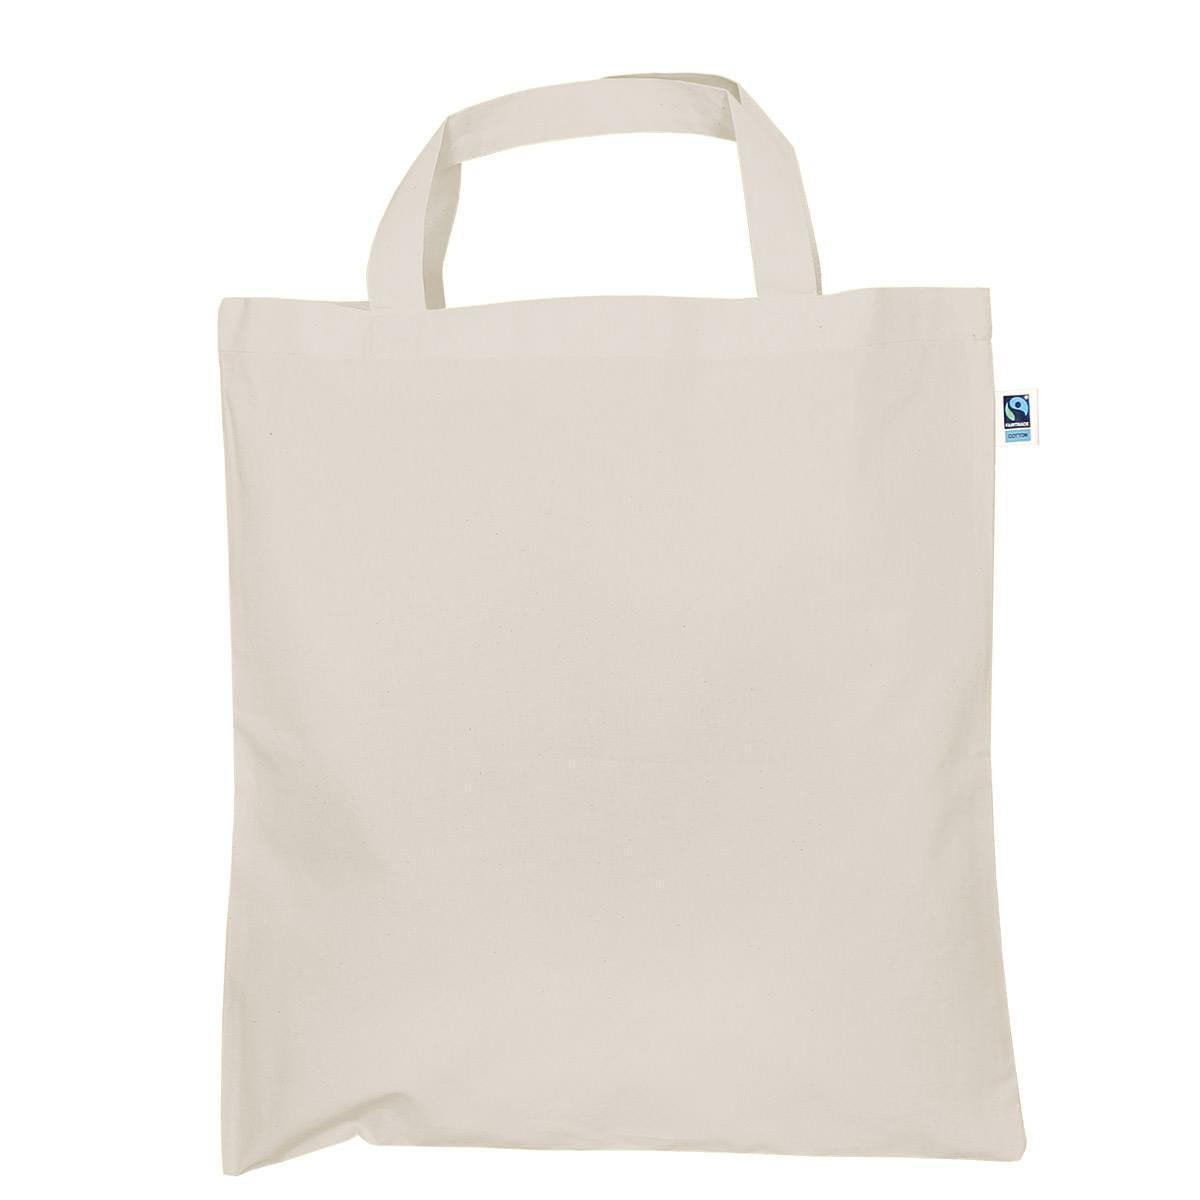 Tasche aus Fairtrade-Baumwolle mit zwei kurzen Henkeln